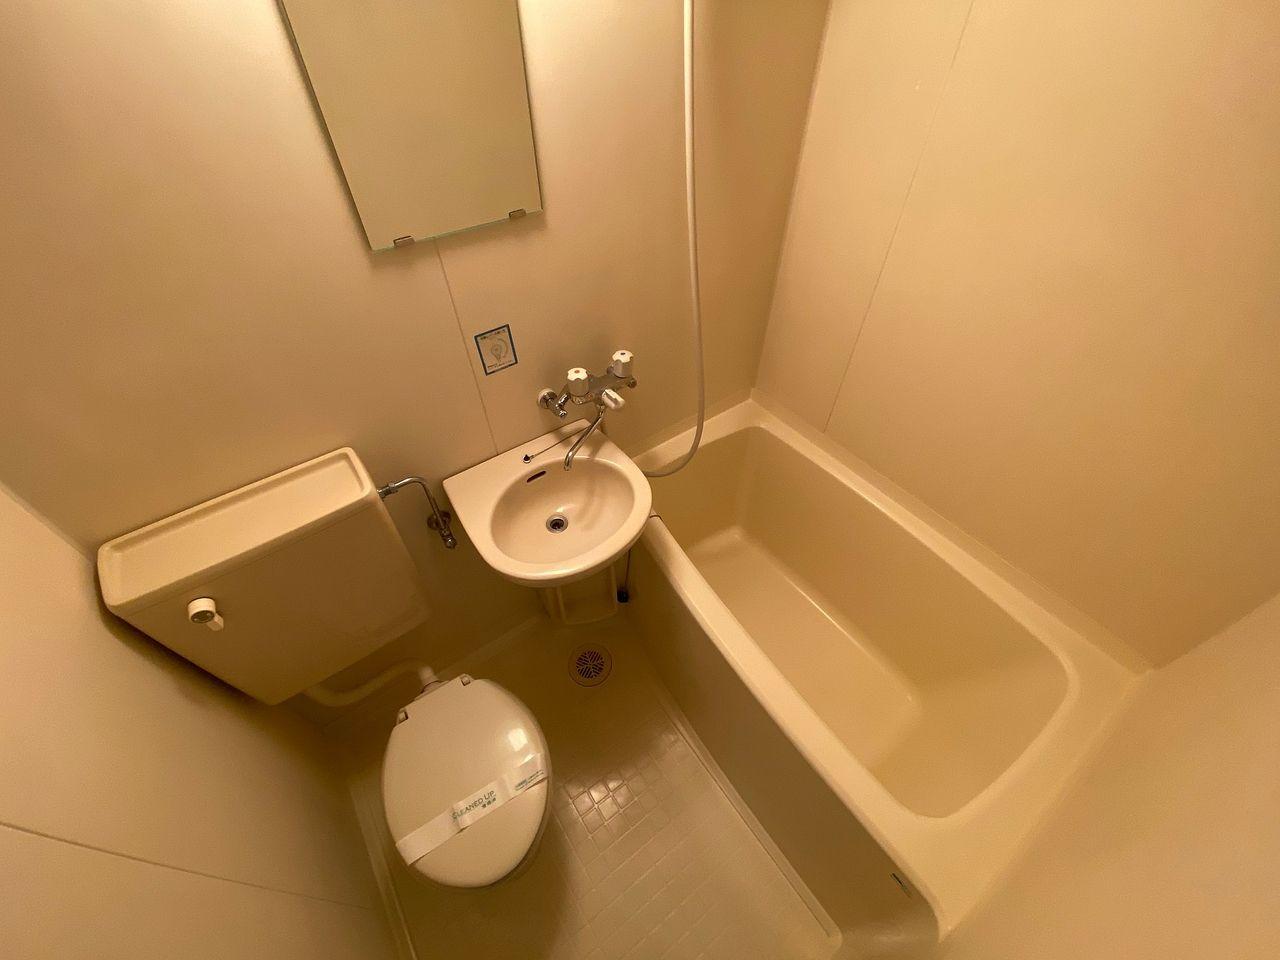 シャワーカーテンはご用意願います